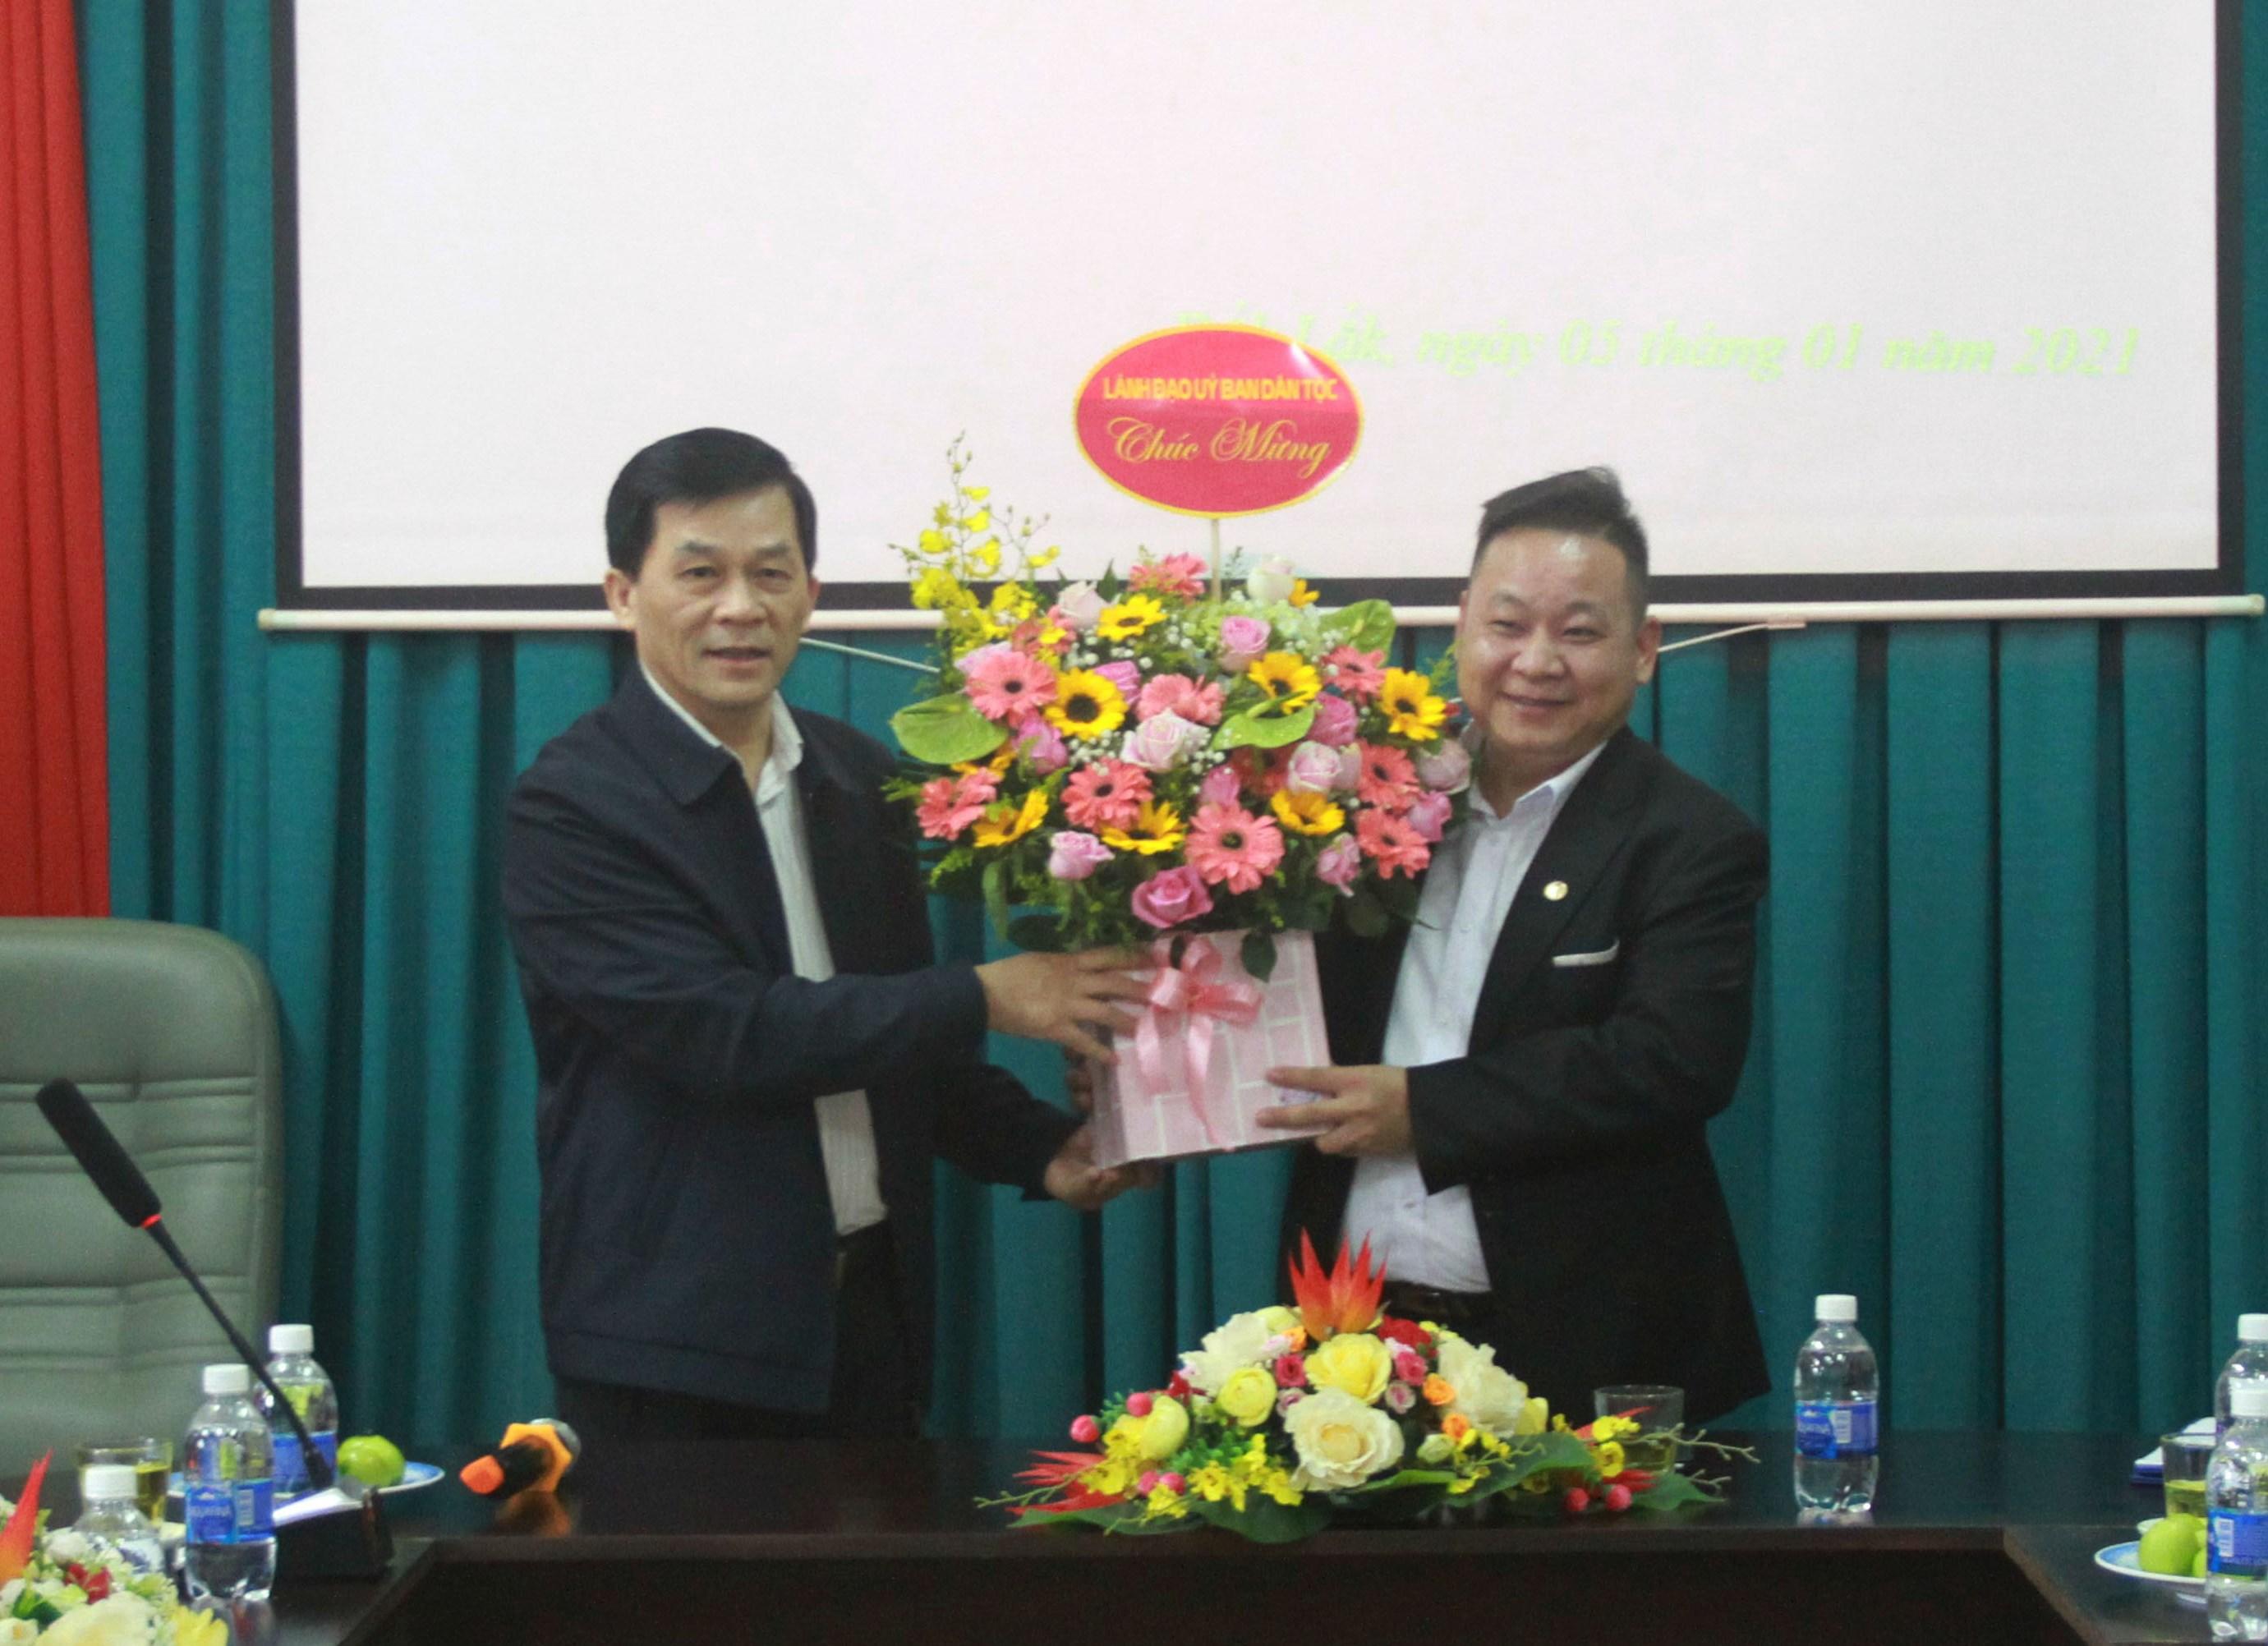 Thứ trưởng, Phó Chủ nhiệm Nông Quốc Tuấn tặng hoa chúc mừng đồng chí Tráng A Dương nhận quyết định Quyền Vụ trưởng Vụ Địa phương II